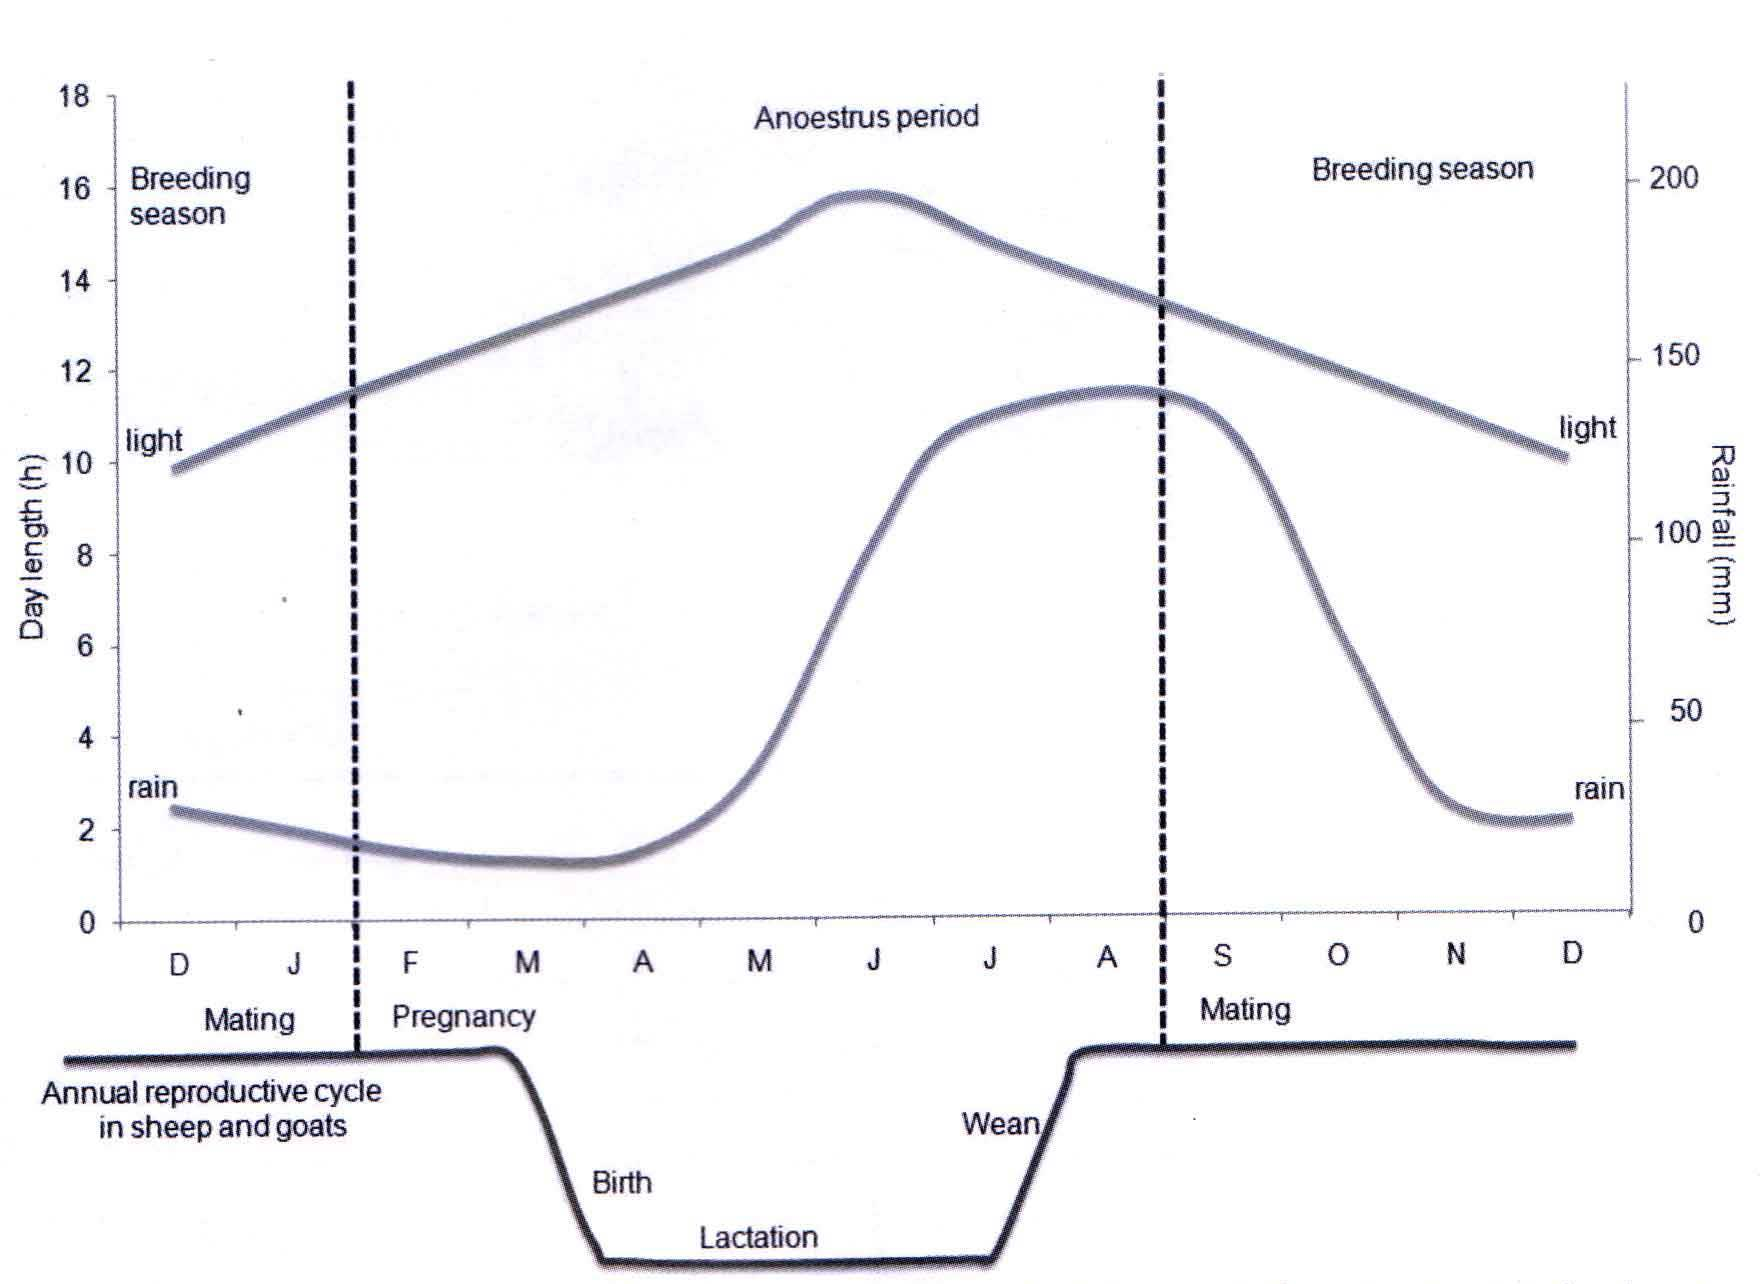 مدل سیکل تولیدمثلی فصلی در گوسفند و بز